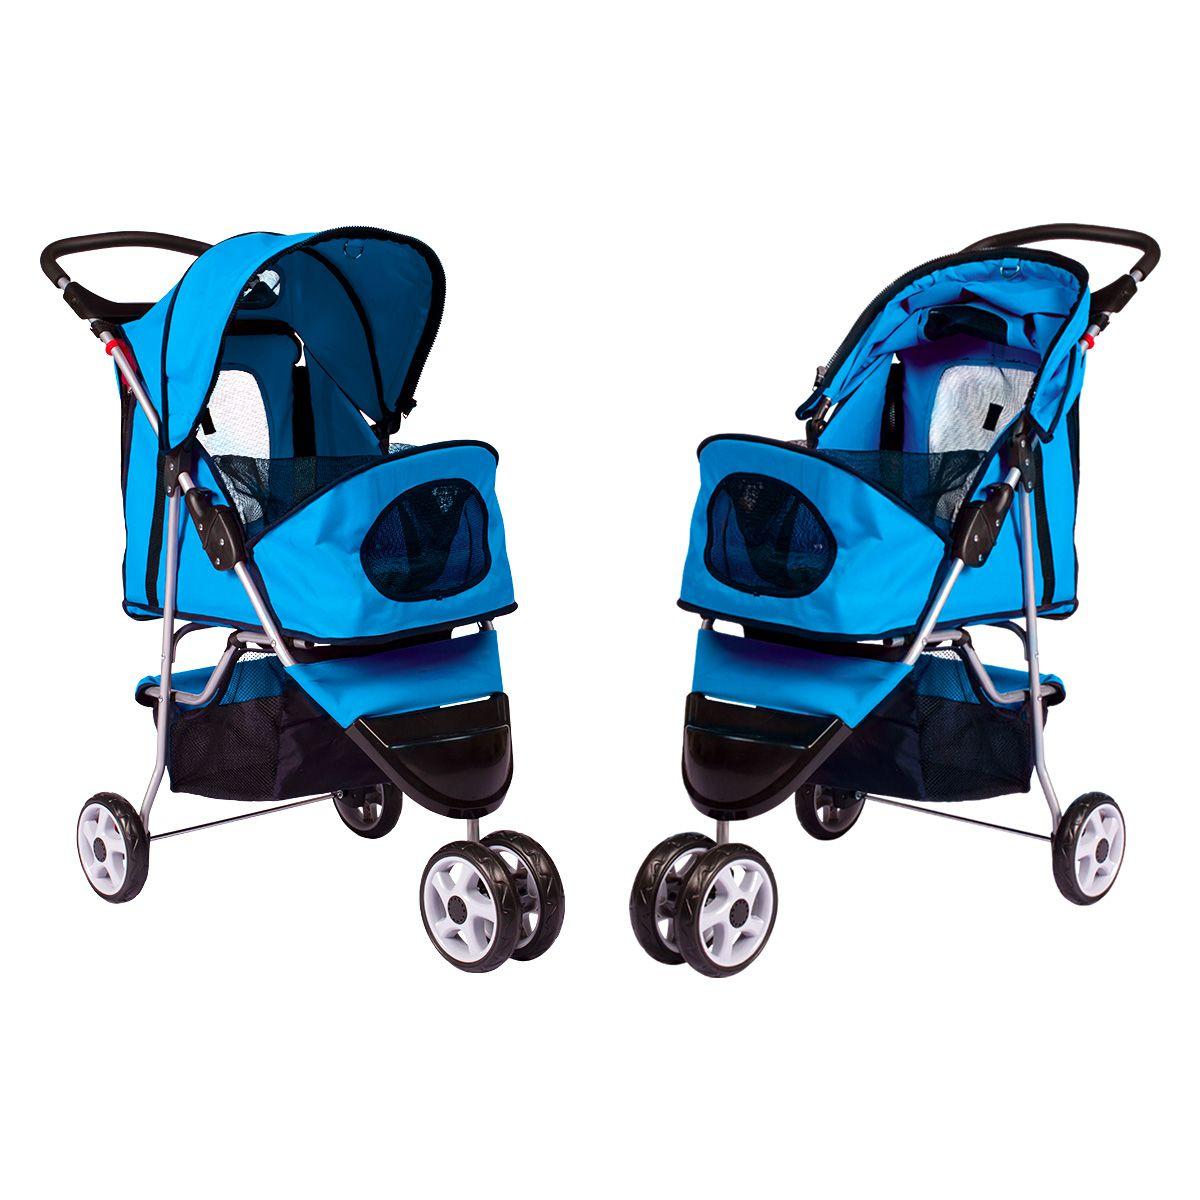 Carrinho Dog Fly modelo Comfort Pet - Azul